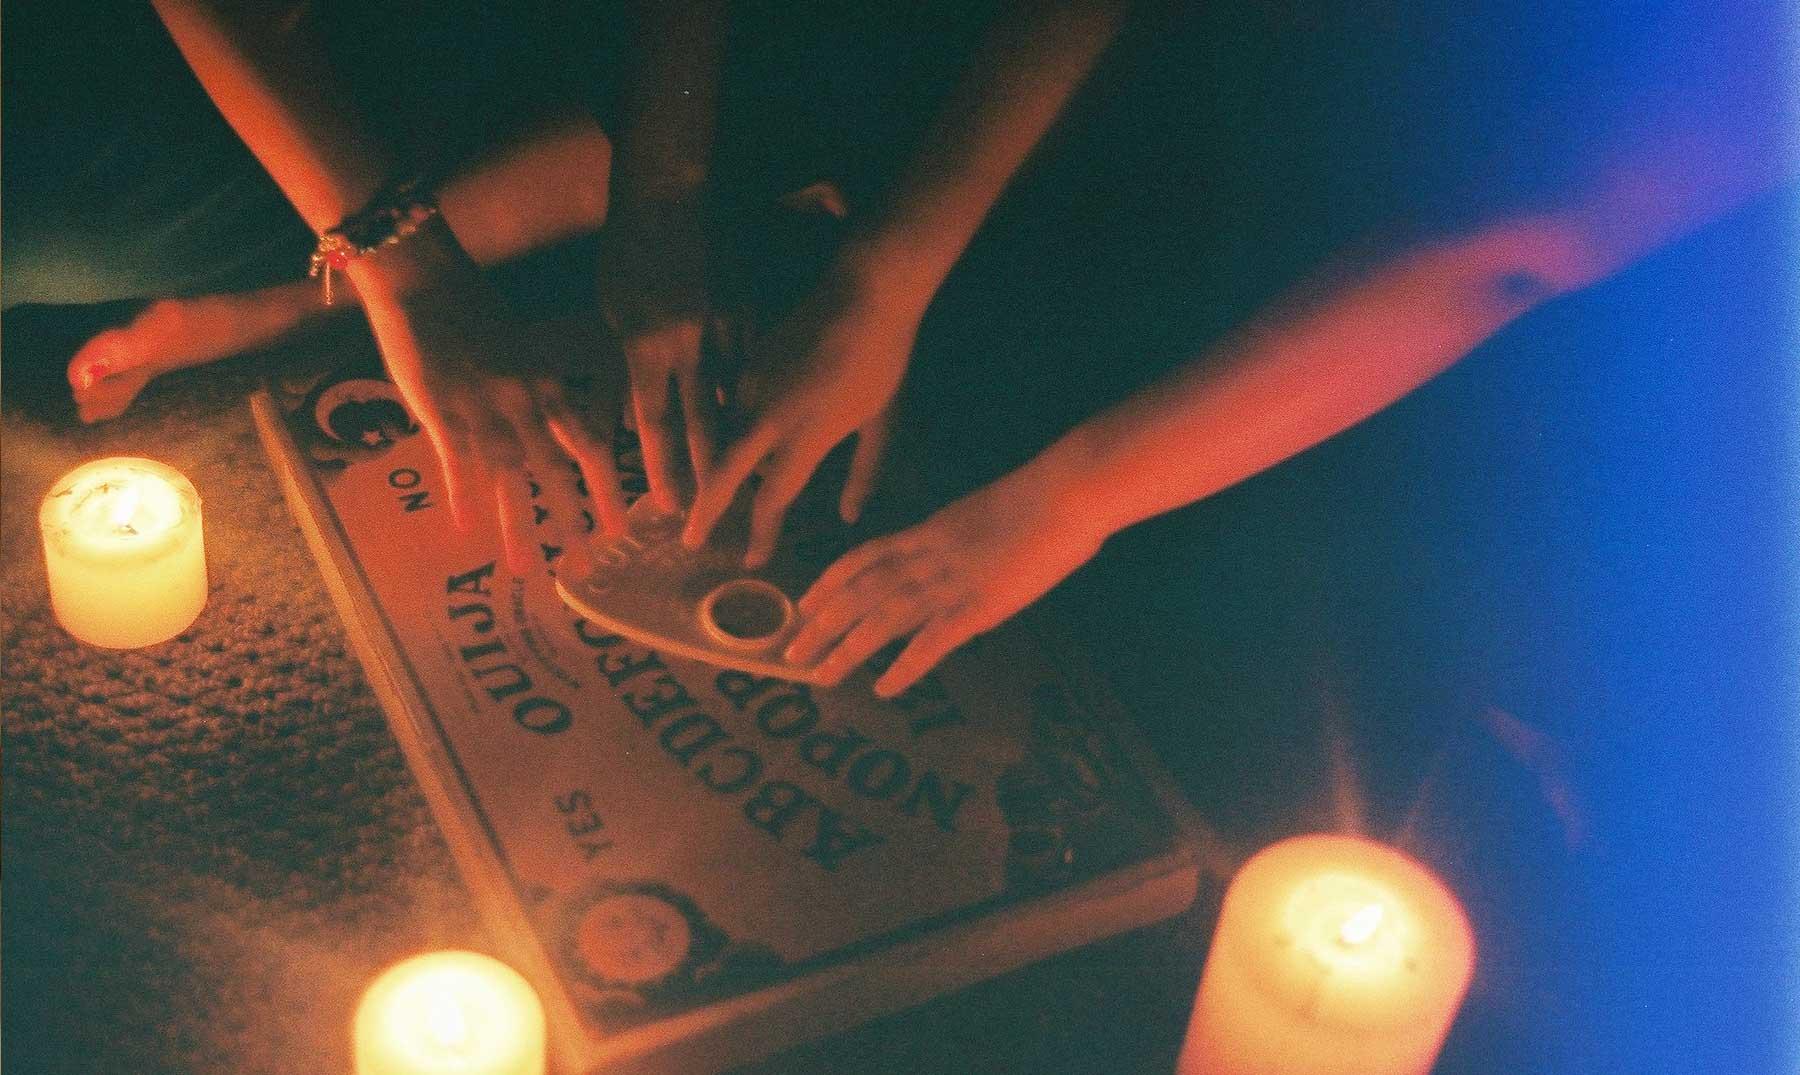 Jugar a la ouija : 3 aterradoras historias - Supercurioso